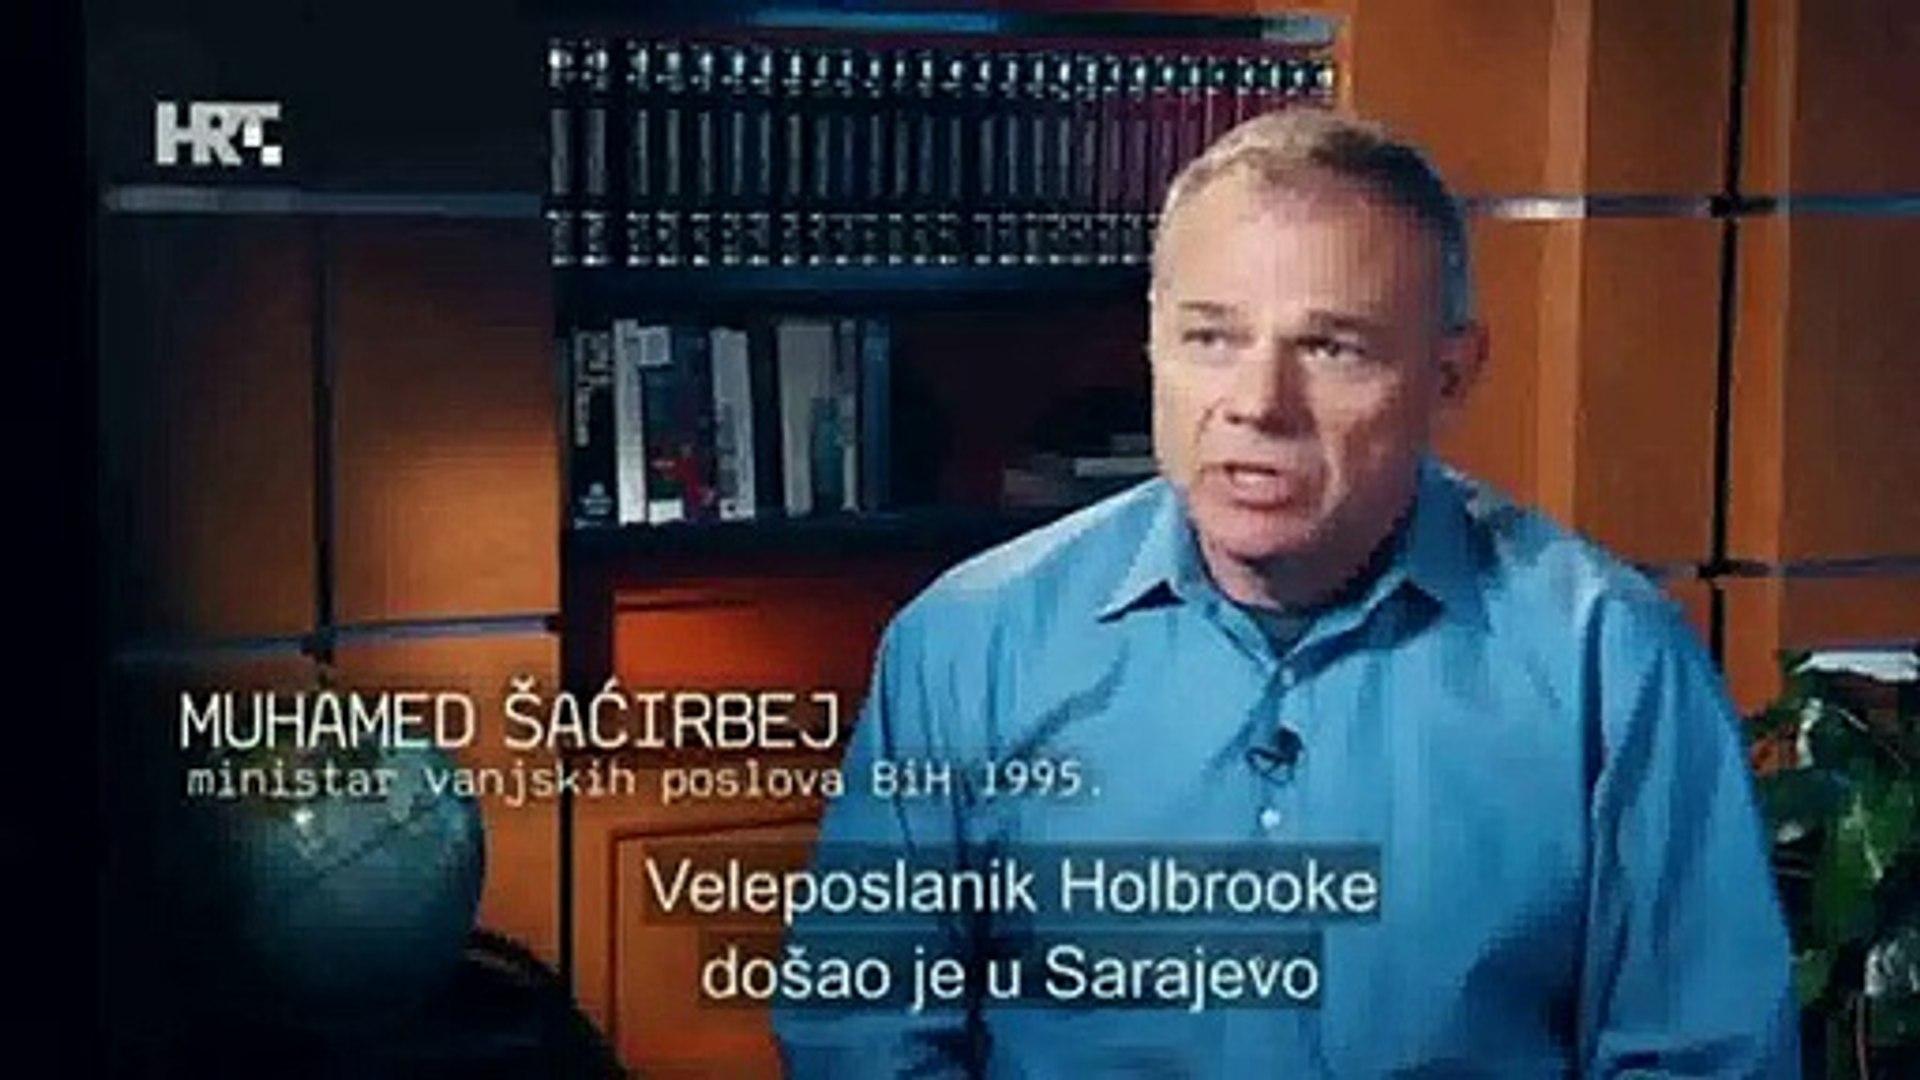 Bivši predsjednik SRJ i Srbije Slobodan Milošević preklinjao je Amerikance da zaustave ofanzivu na B